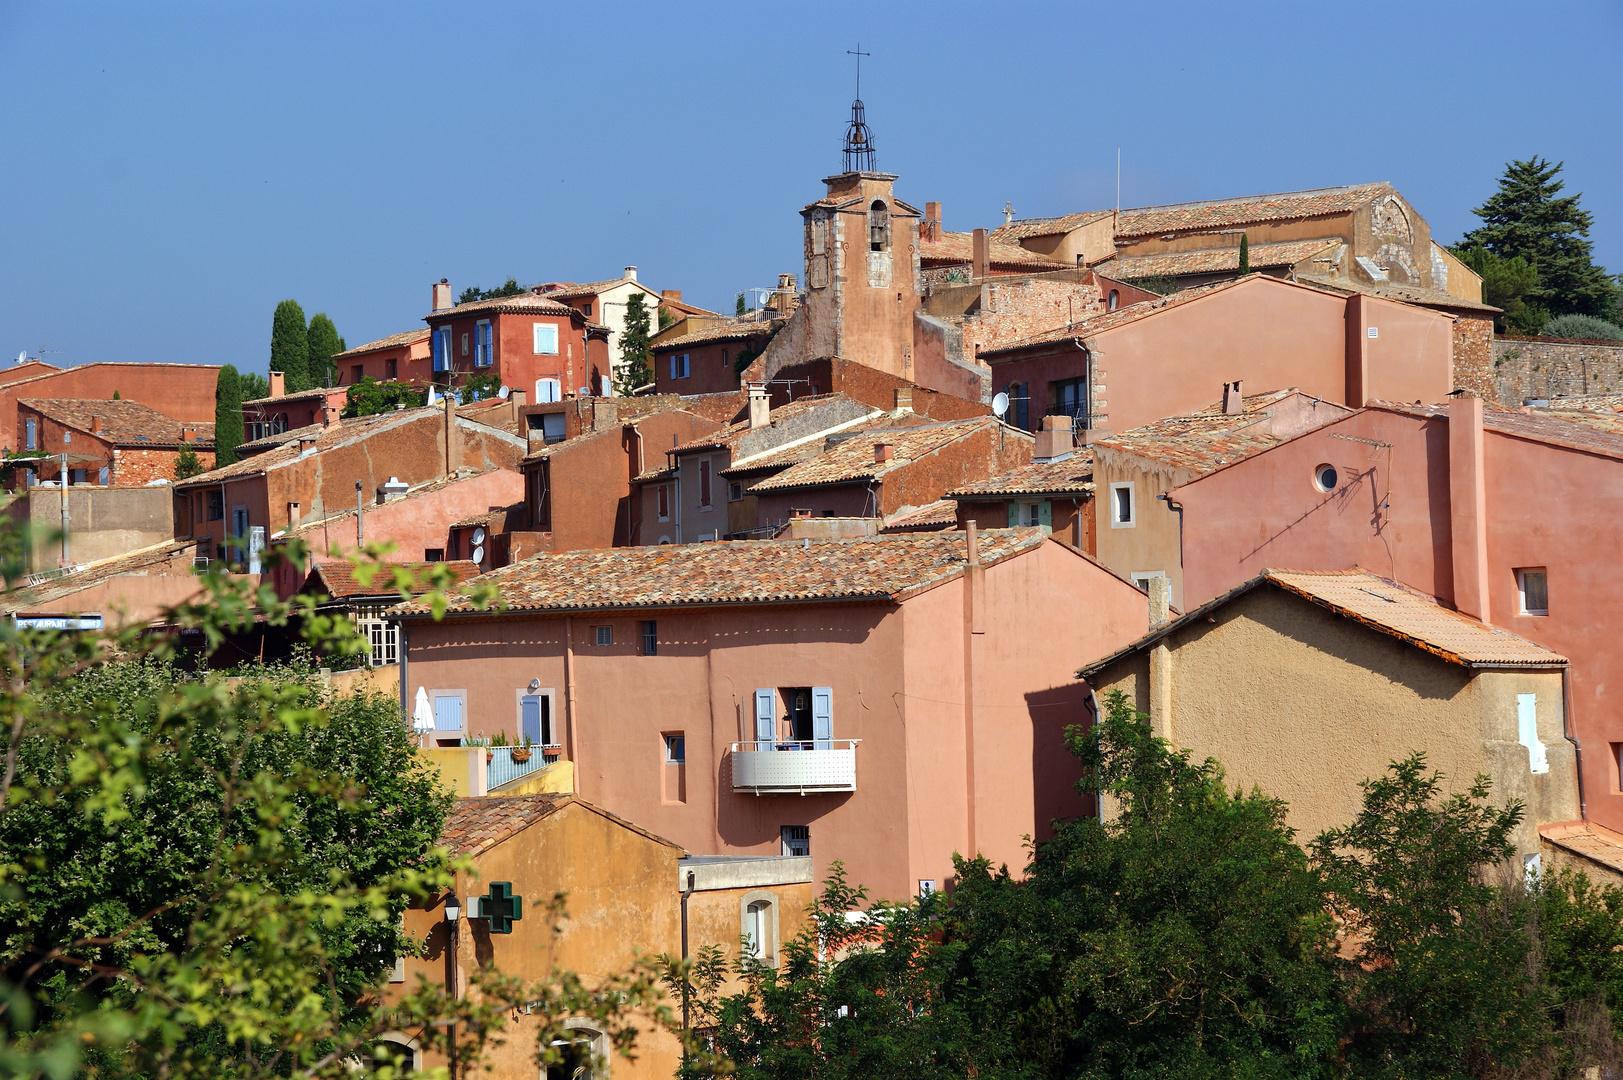 ROUSSILLON (Vaucluse) - France - Juillet 2010 -